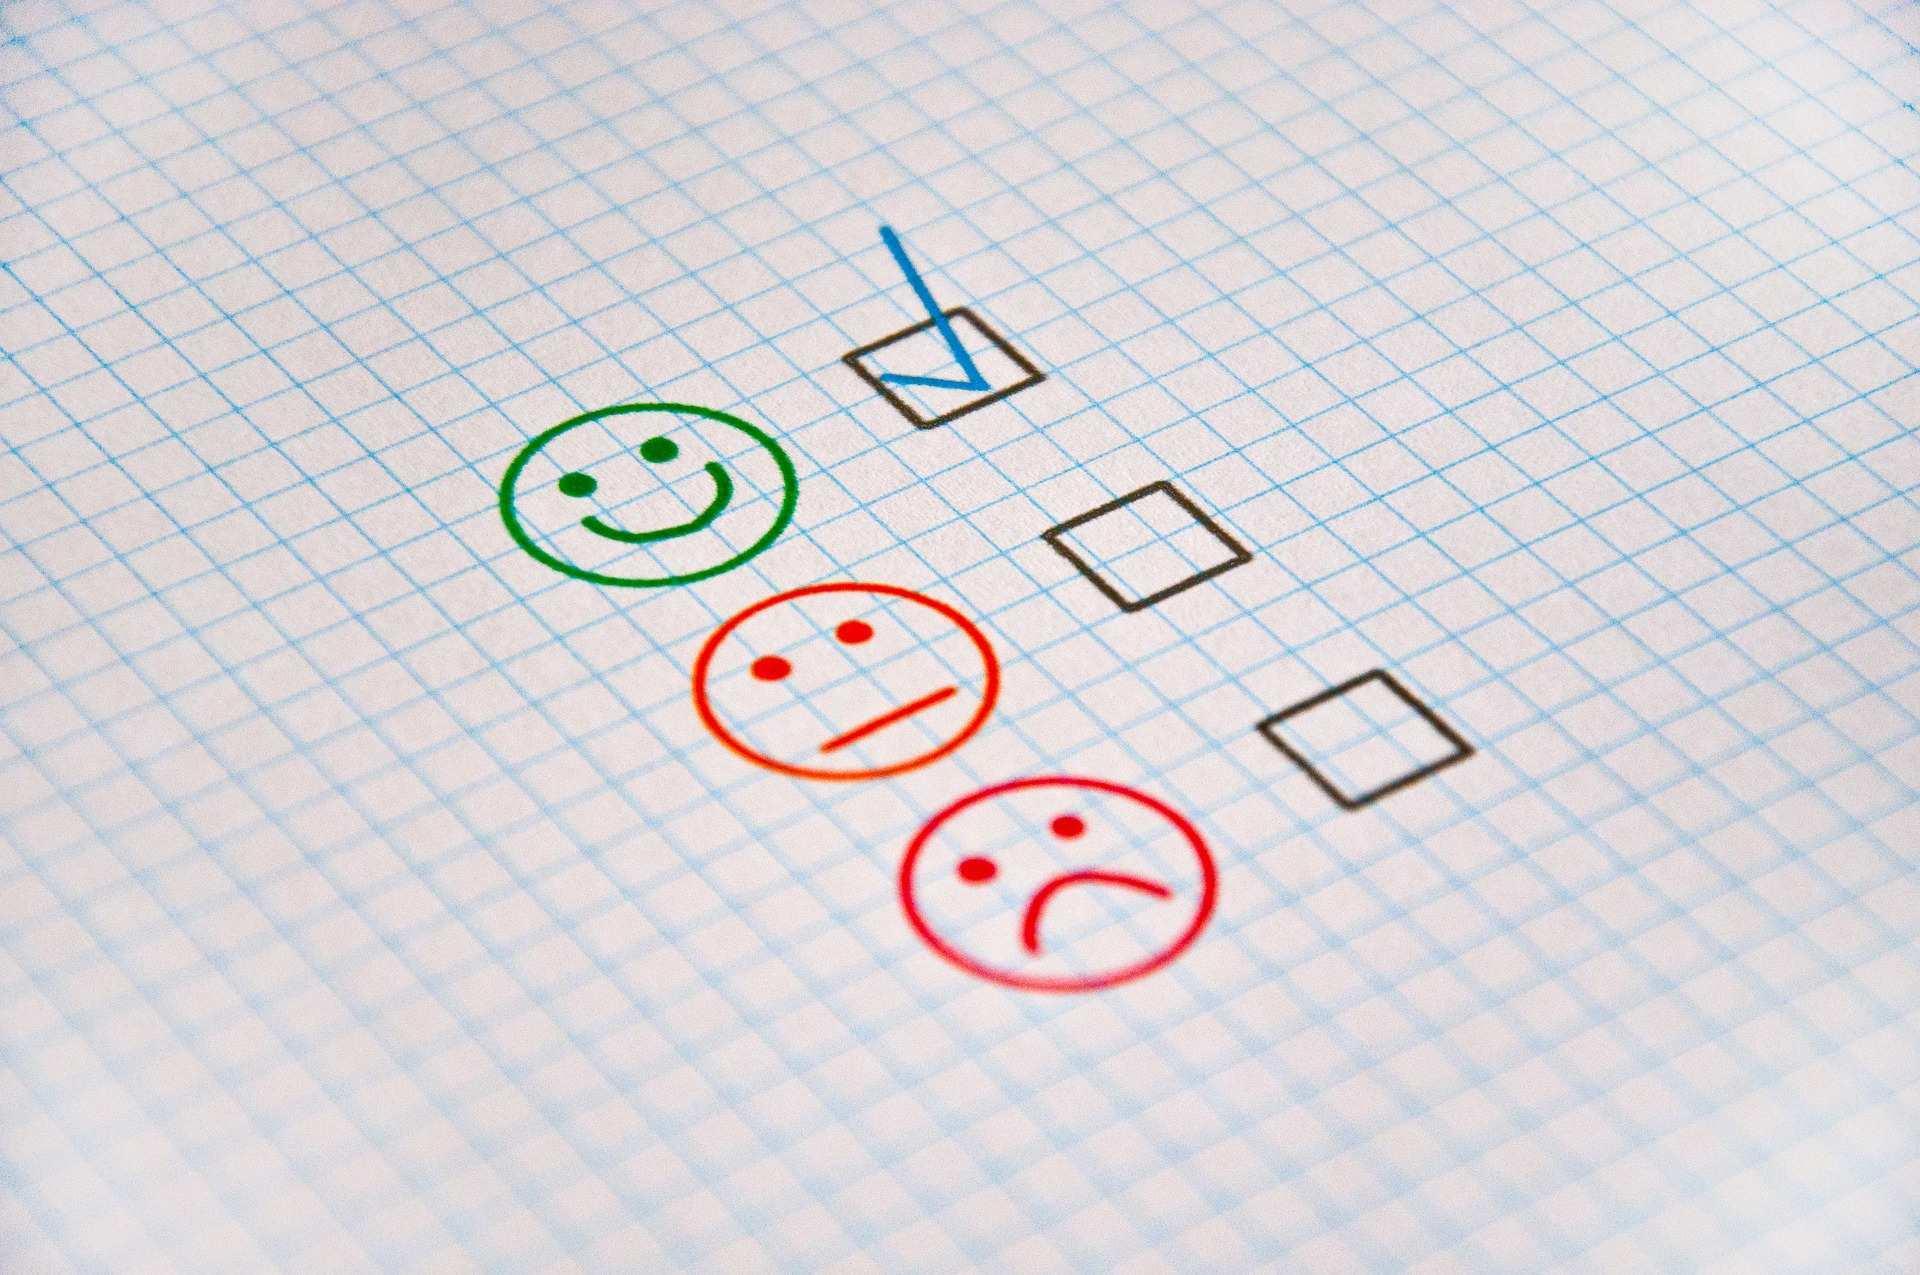 Auf Positive Und Negative Bewertungen Rezensionen In Google Mybusiness Reagieren Mit Antwortvorlagen Ringli Media Online Marketing Social Media Schaffhausen